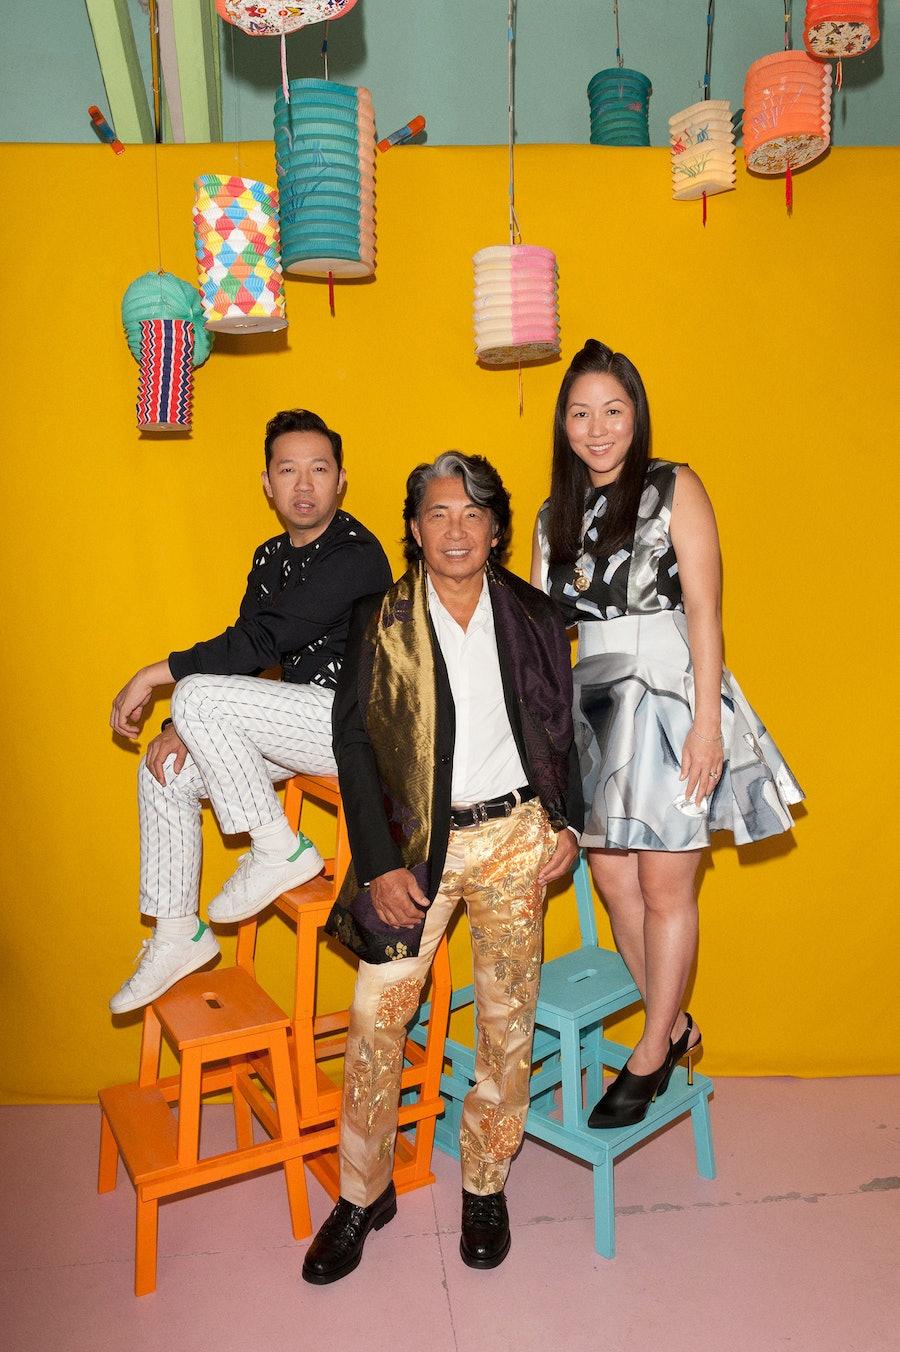 Humberto Leon and Carol Lim, Kenzo Takada